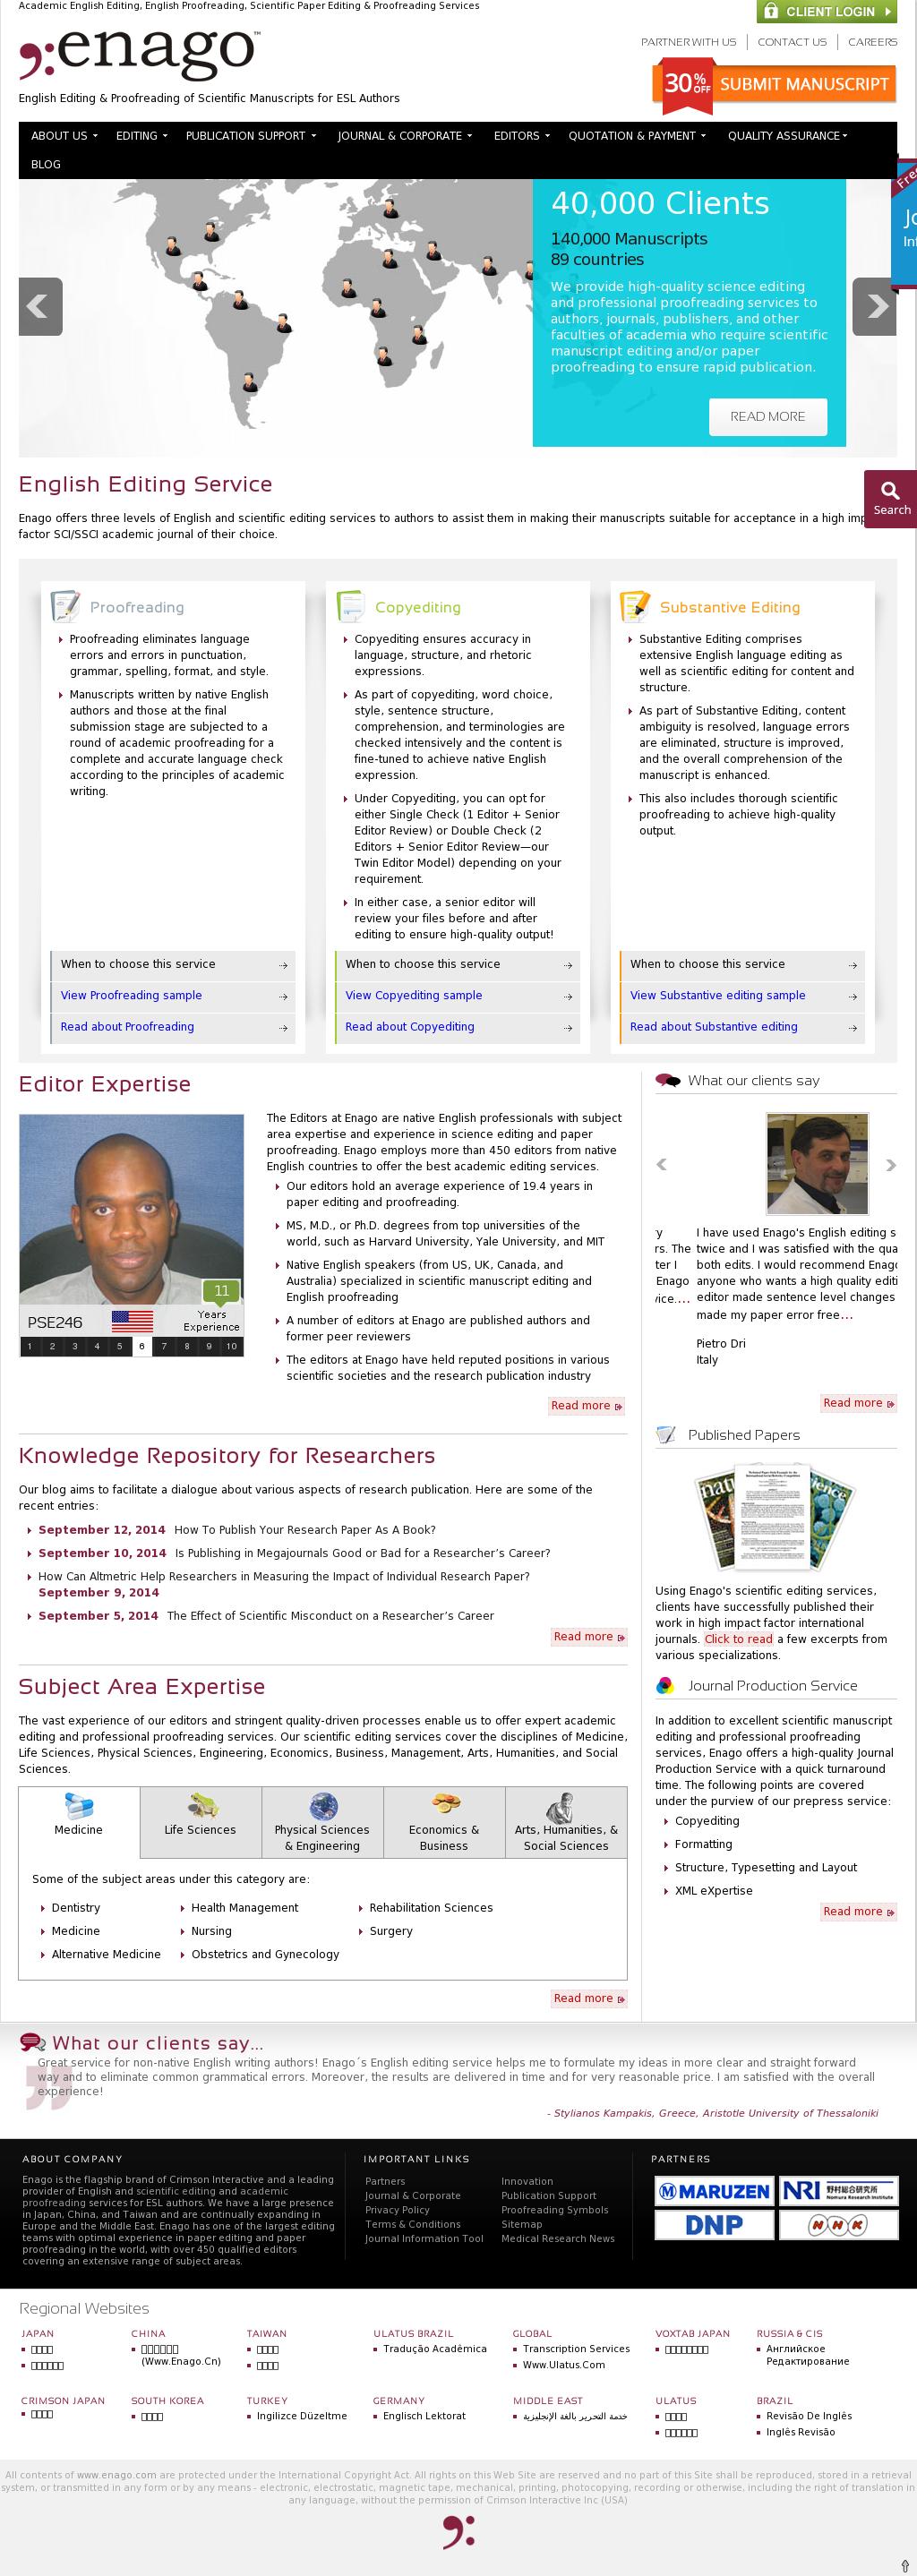 Legitimate essay writing services uk